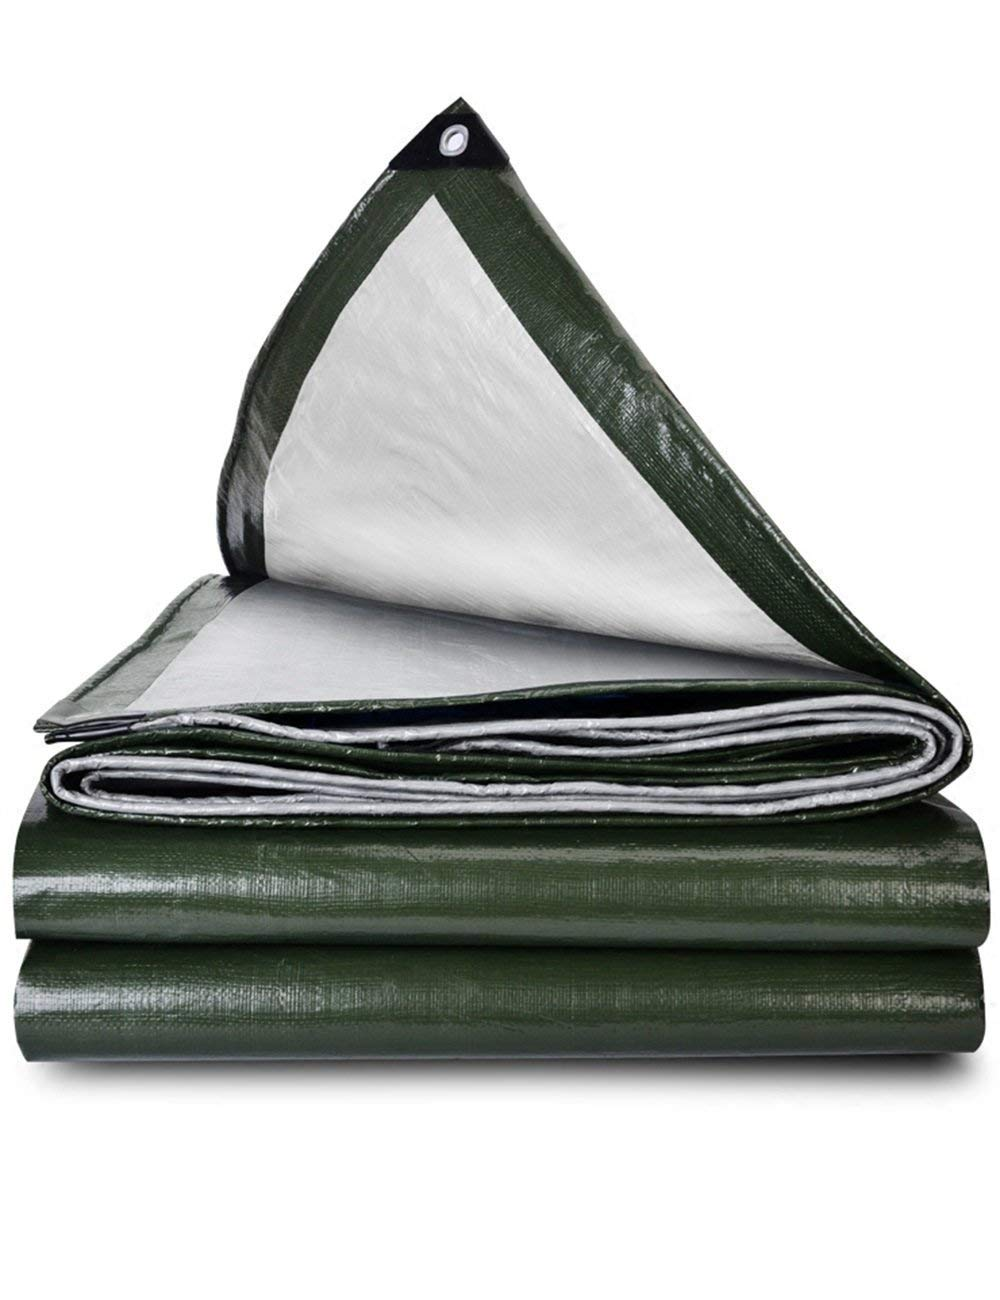 Plane-regendichtes Wasserdichtes Schatten-Plane-Zelt, Das Tarp-Überdachung im Freien kampiert